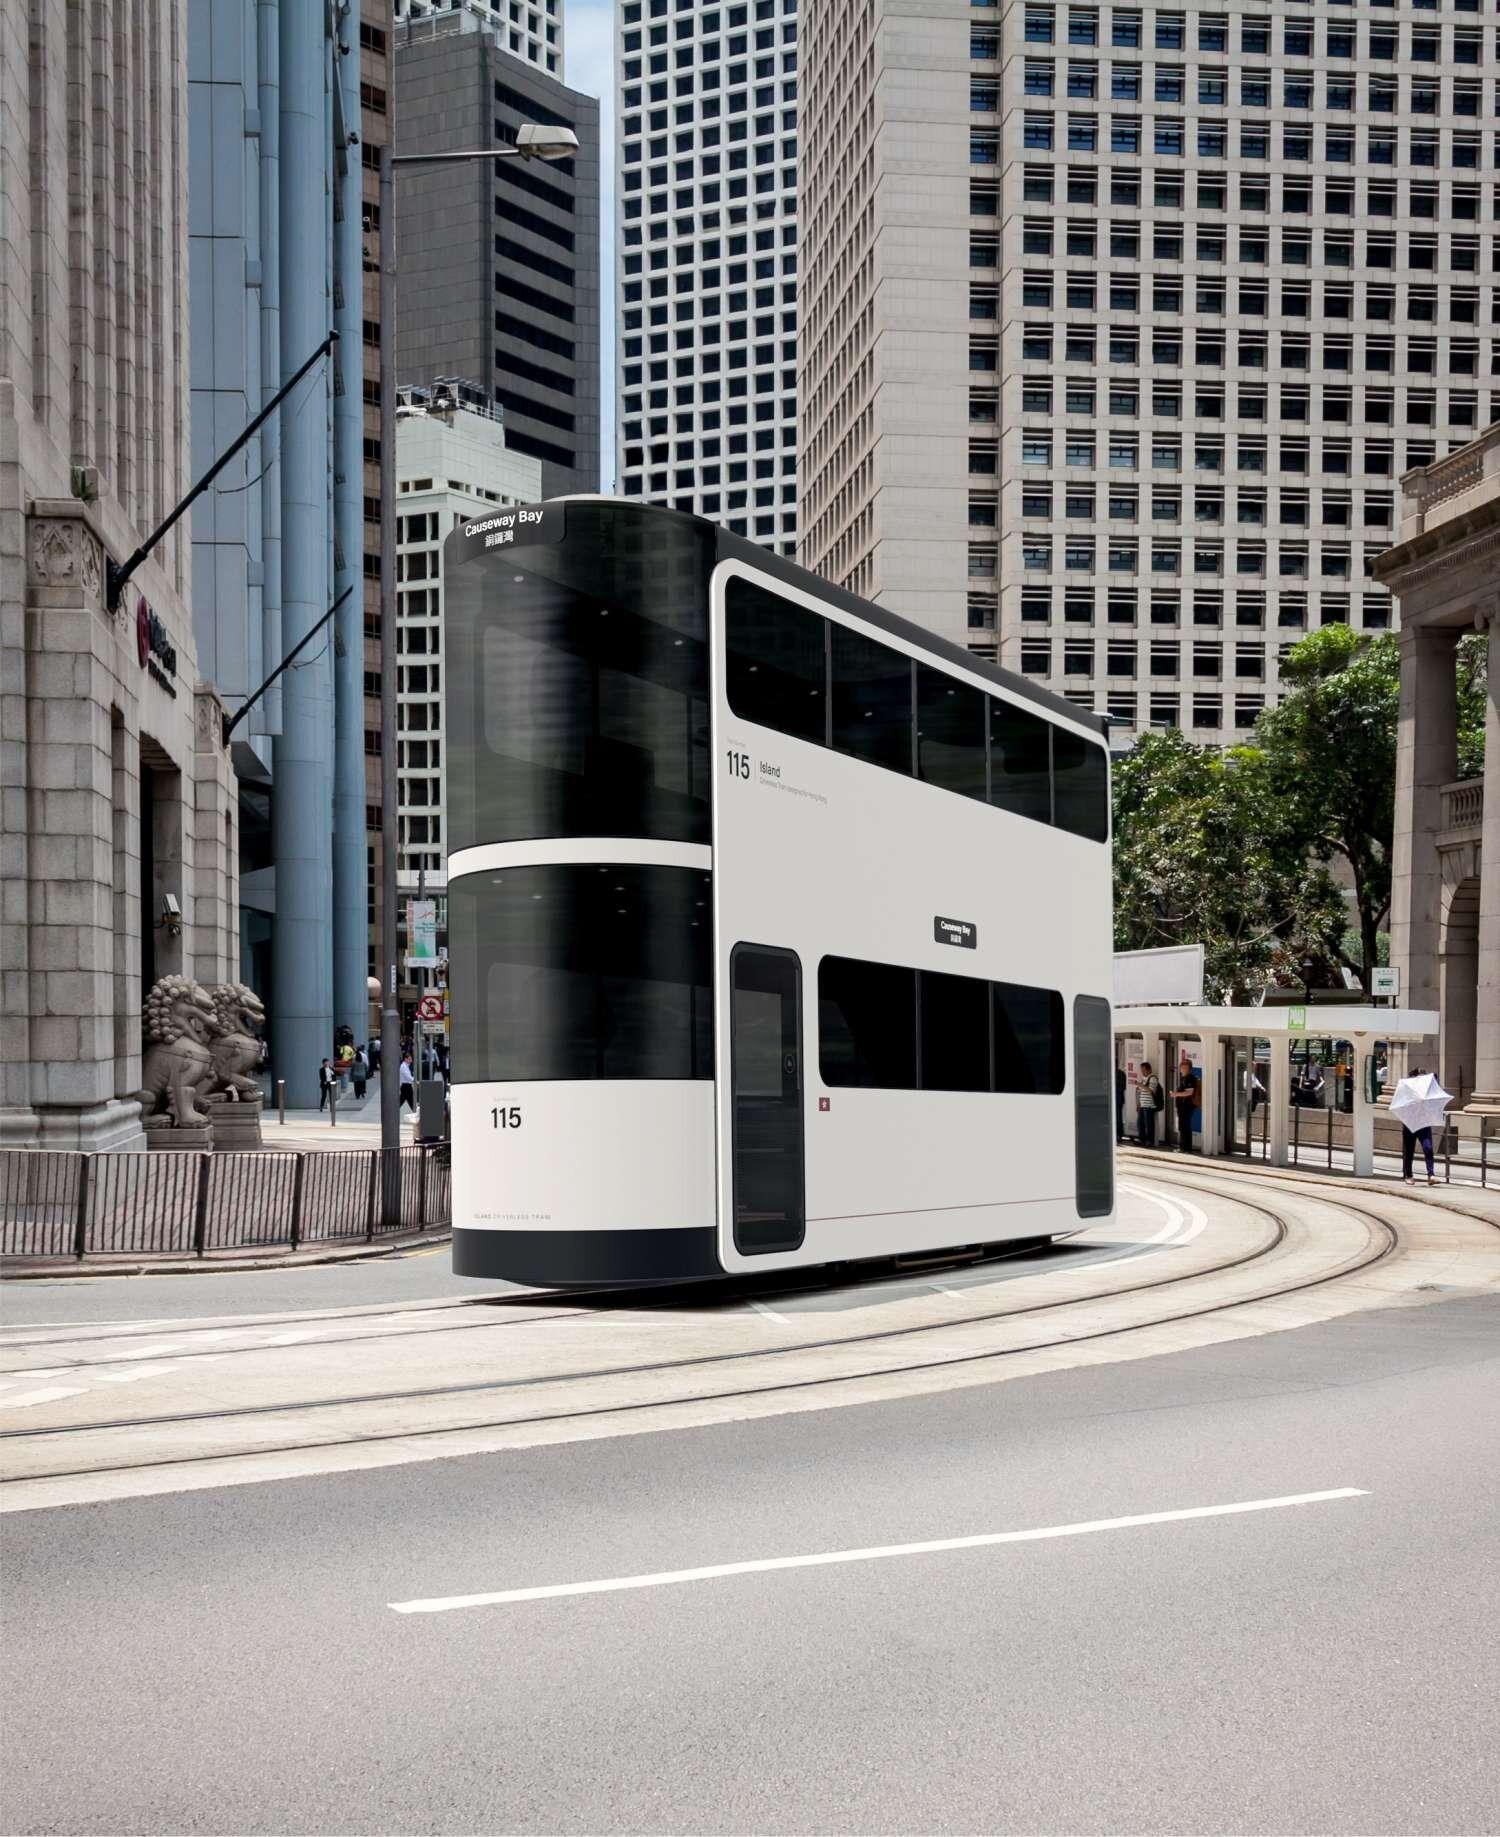 Andrea Ponti's Island Tram Reimagines The Public Transport